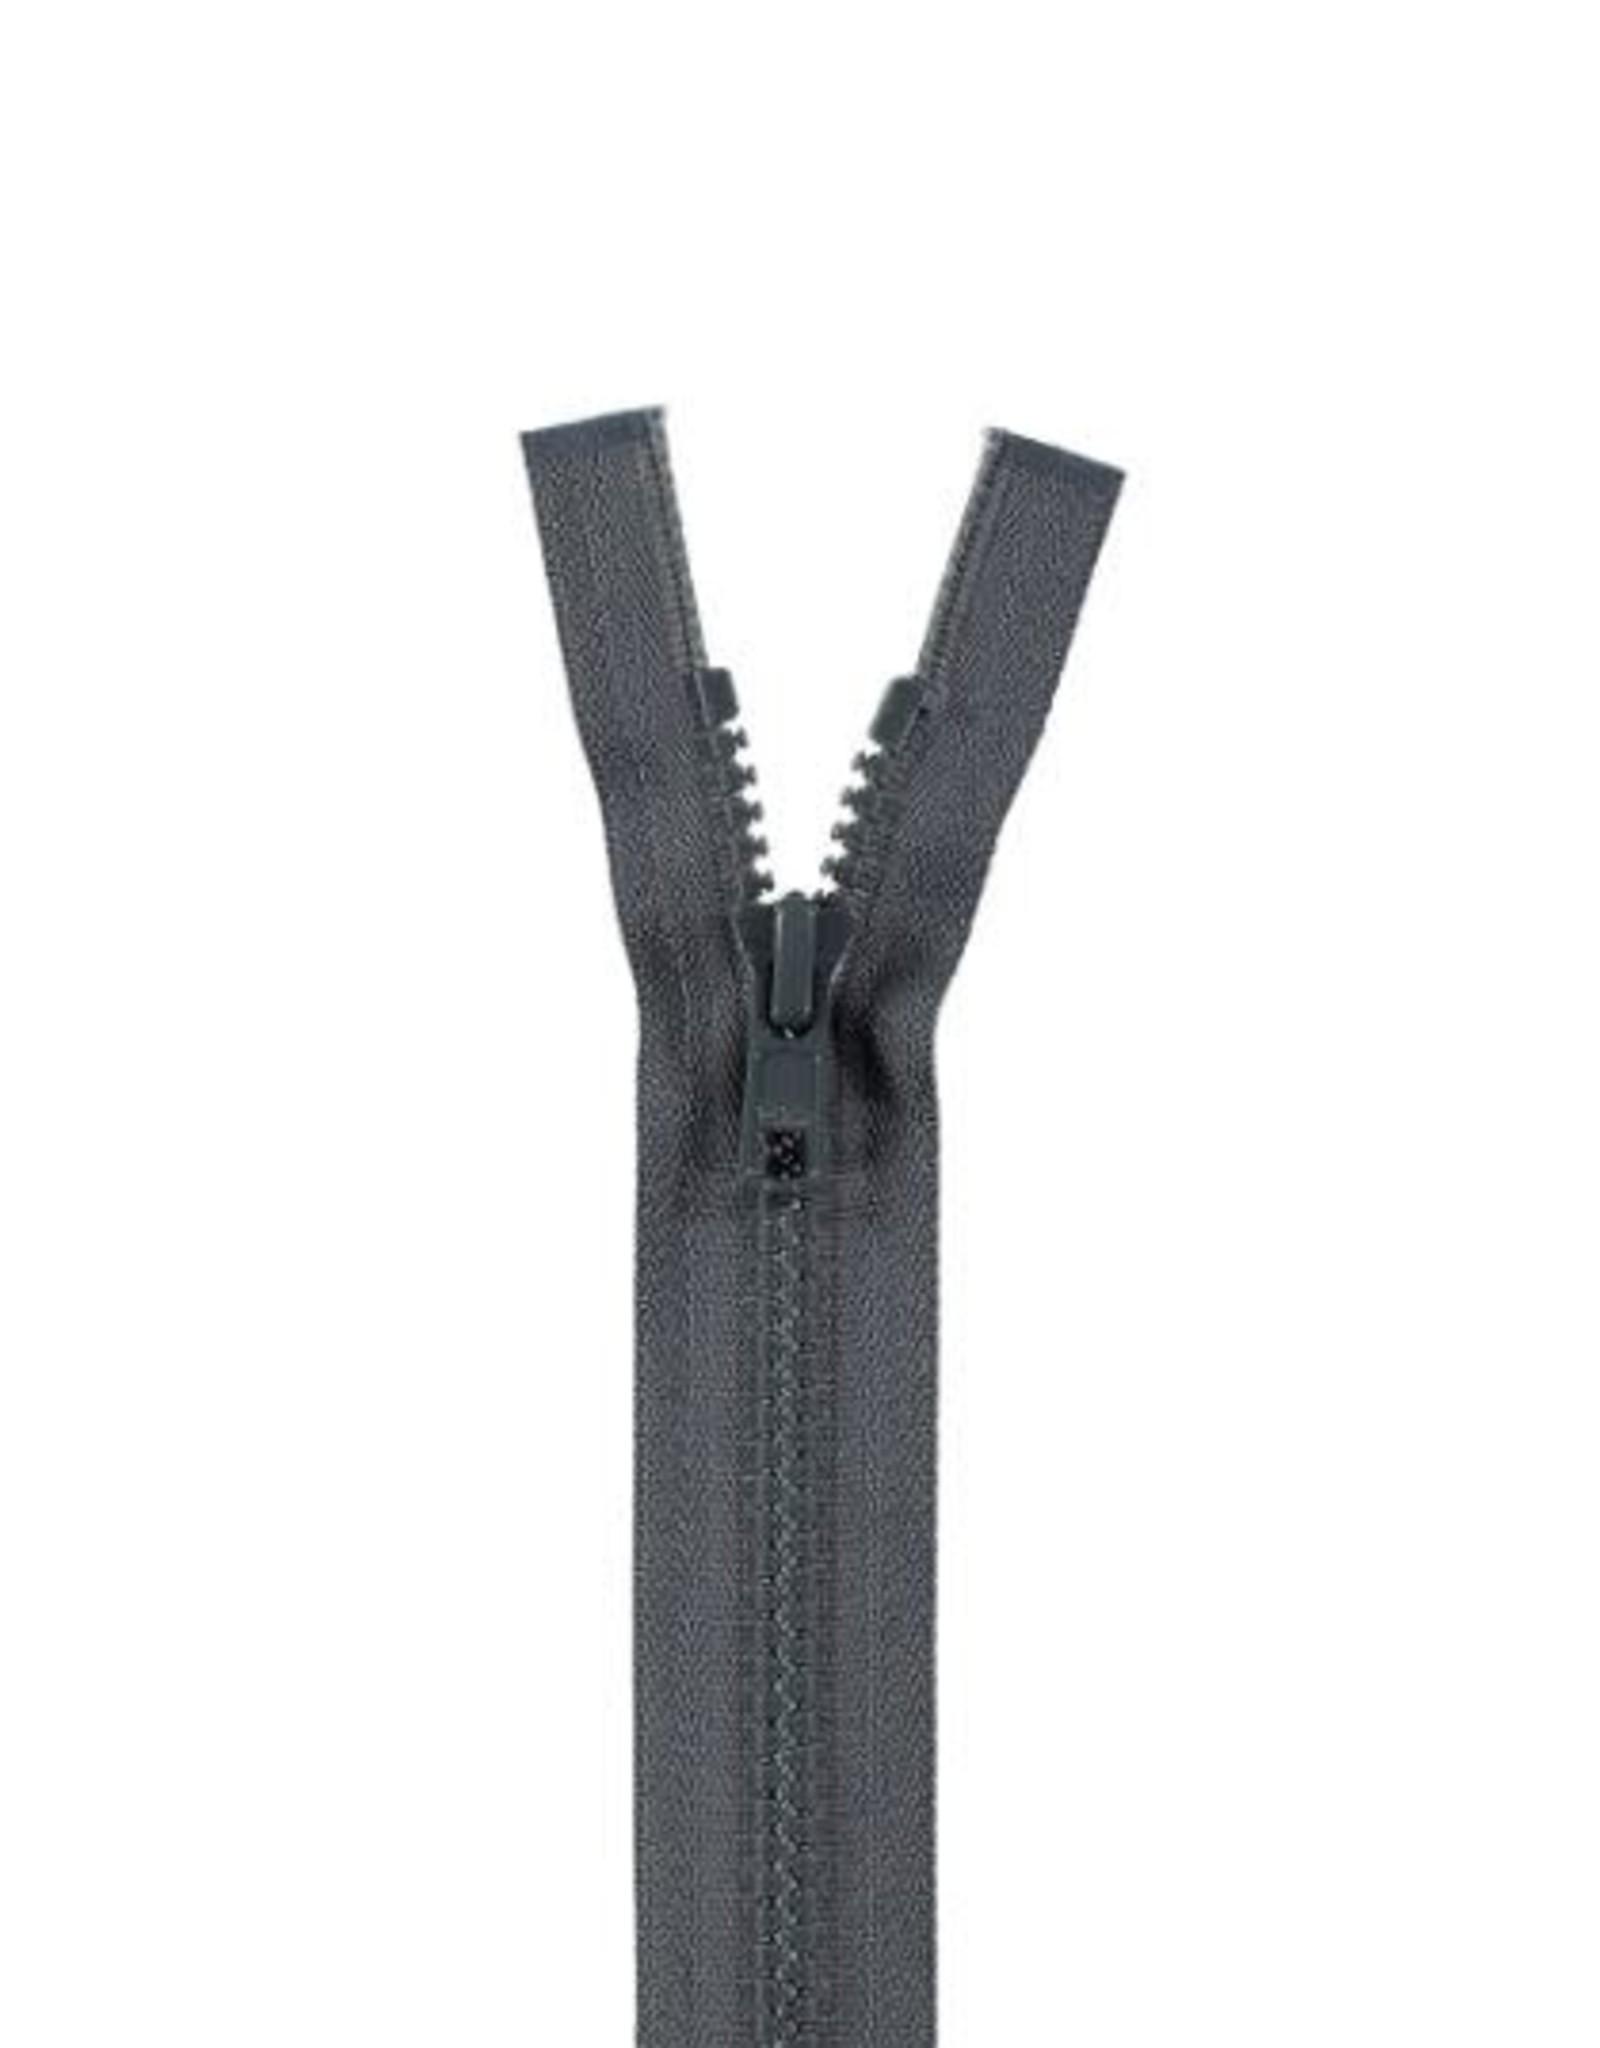 YKK BLOKRITS 5 DEELBAAR d. grijs 579-30cm